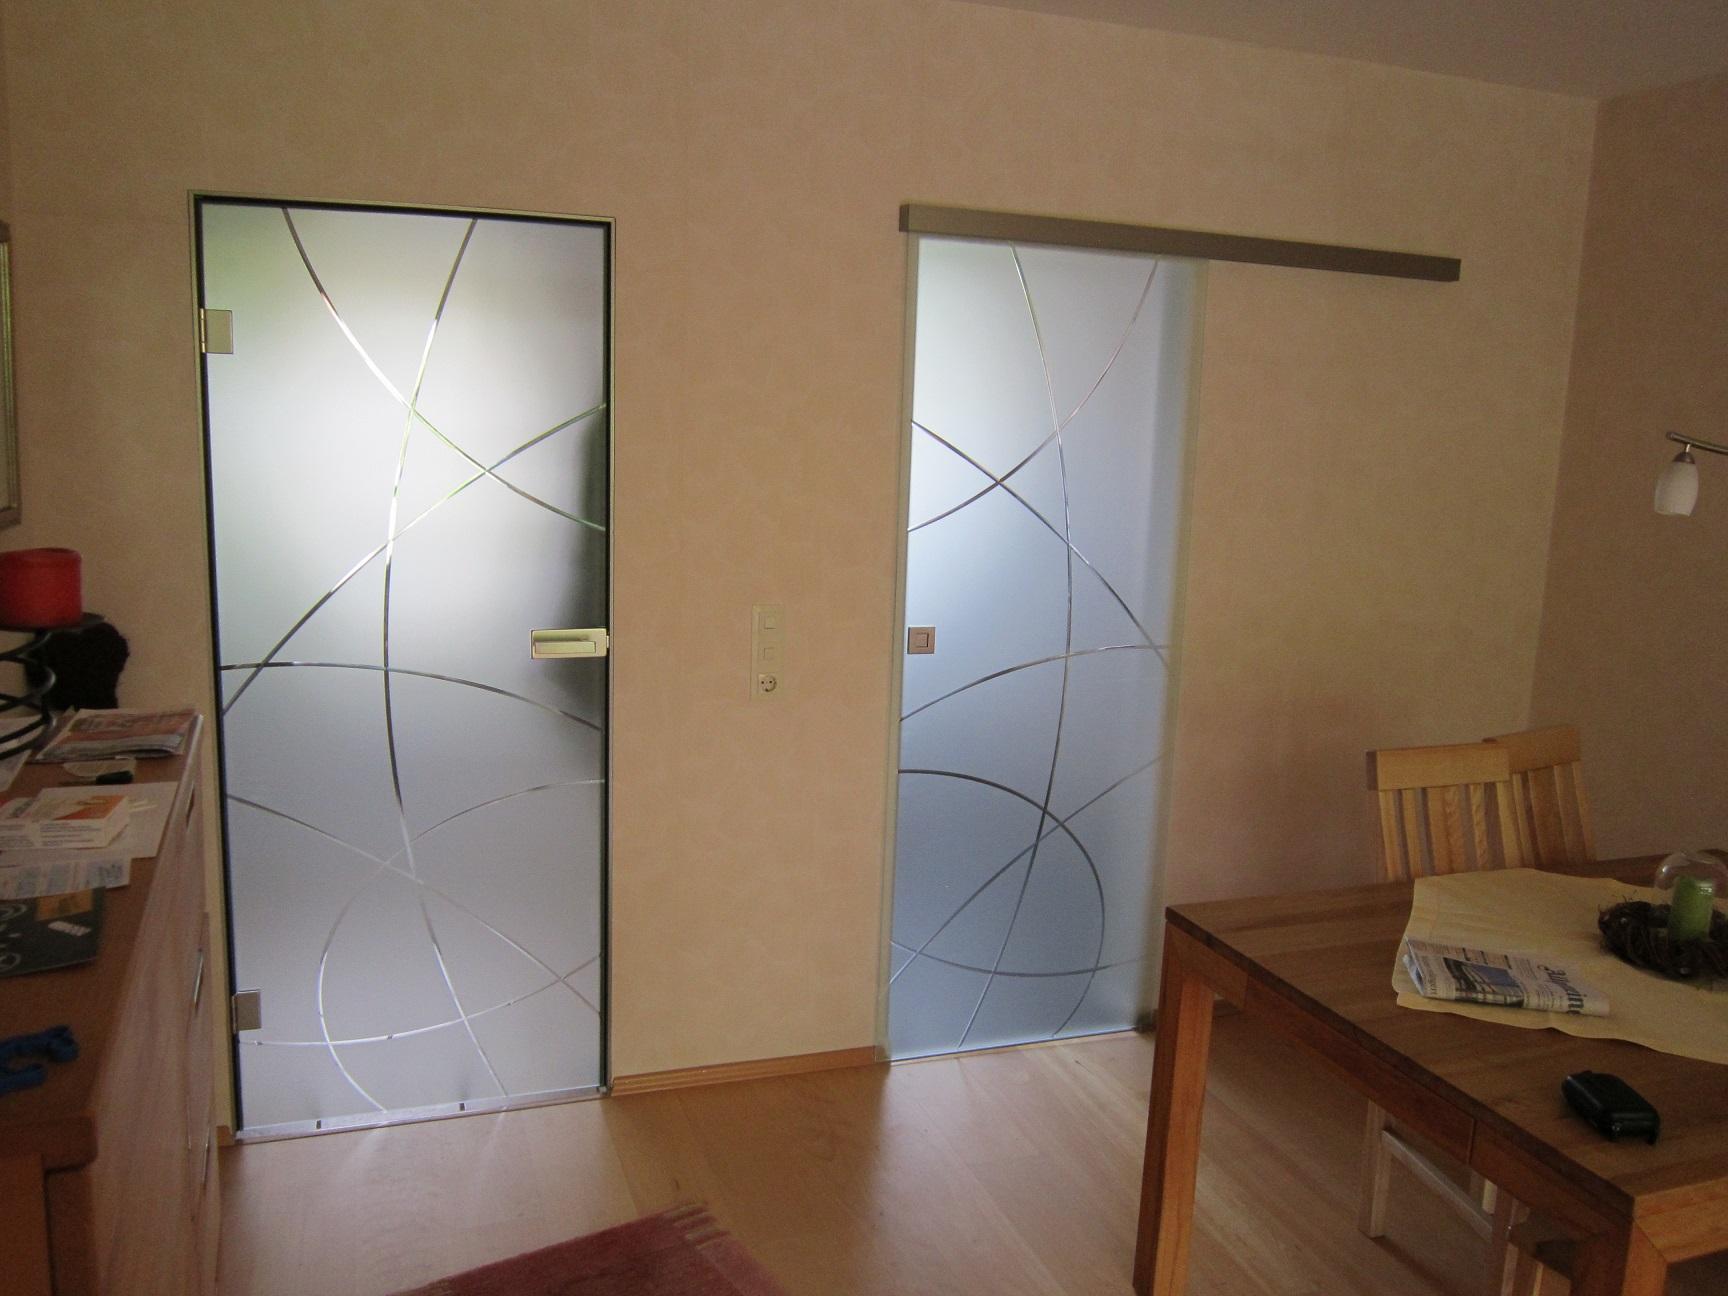 glas wiegand gmbh in mainz branchenbuch deutschland. Black Bedroom Furniture Sets. Home Design Ideas